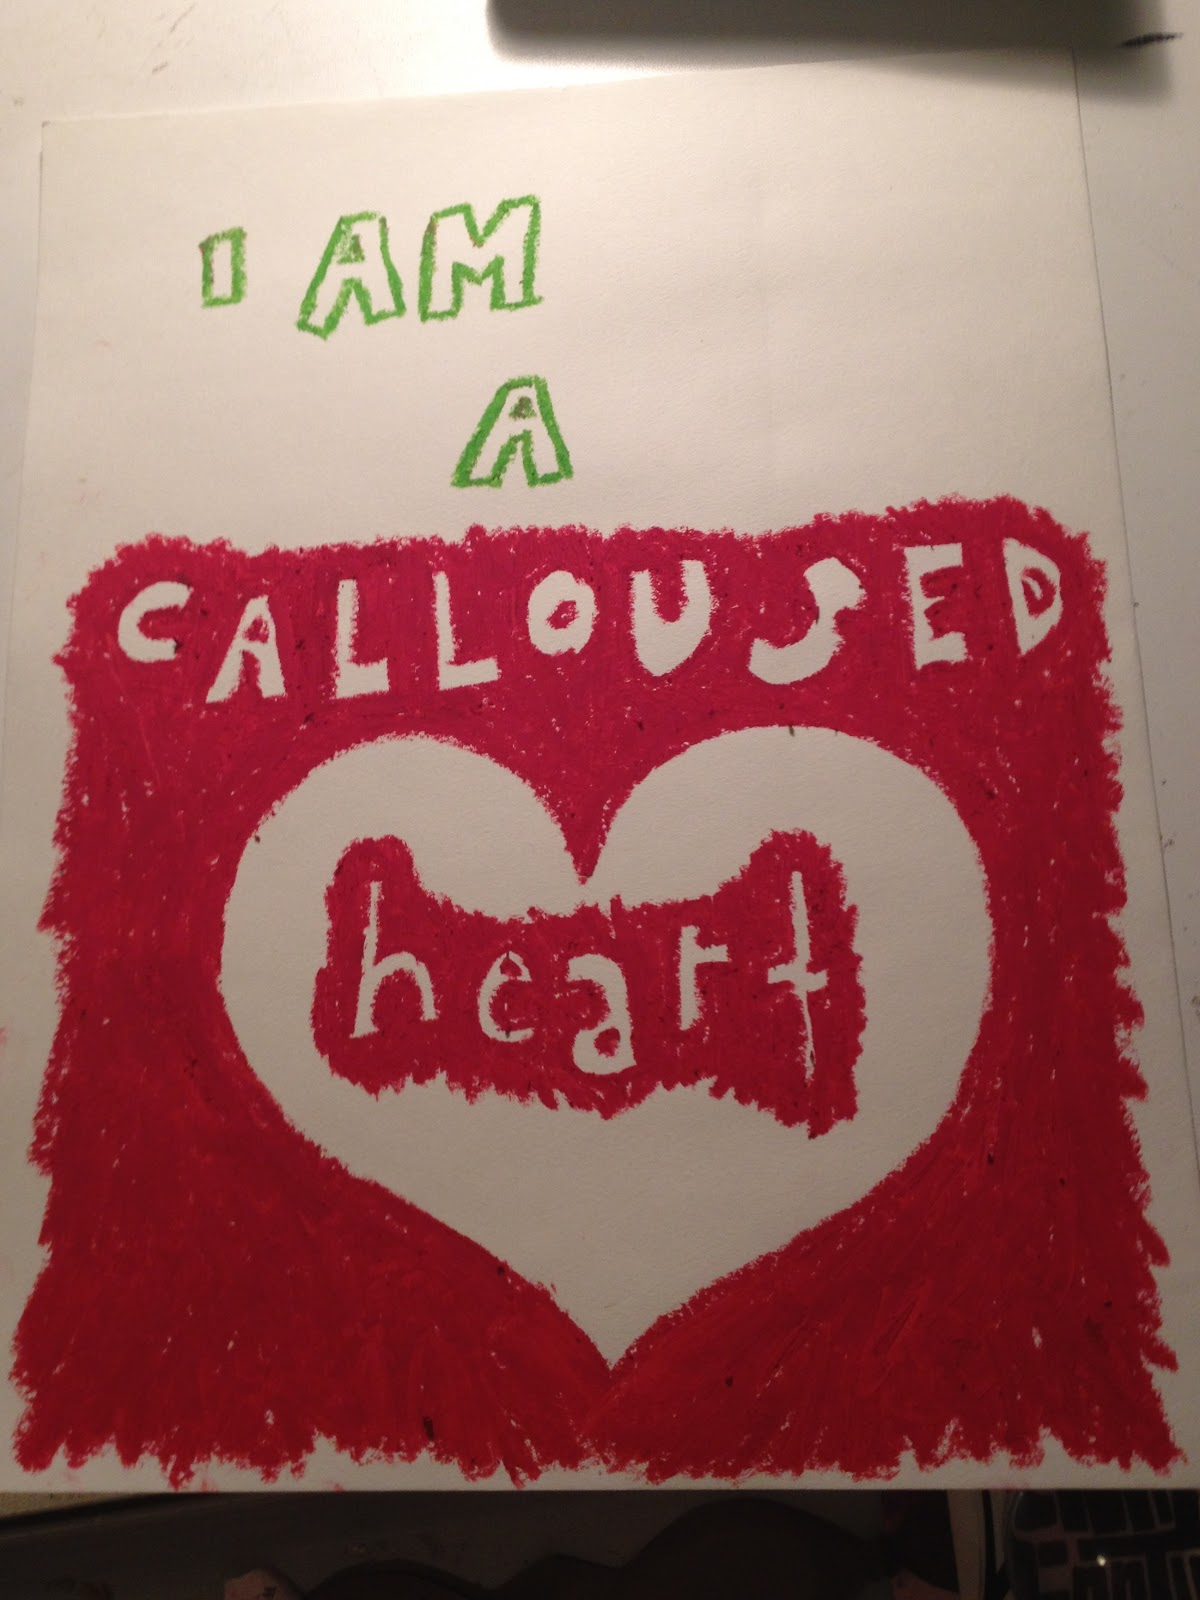 Calloused Heart i am a Calloused Heart